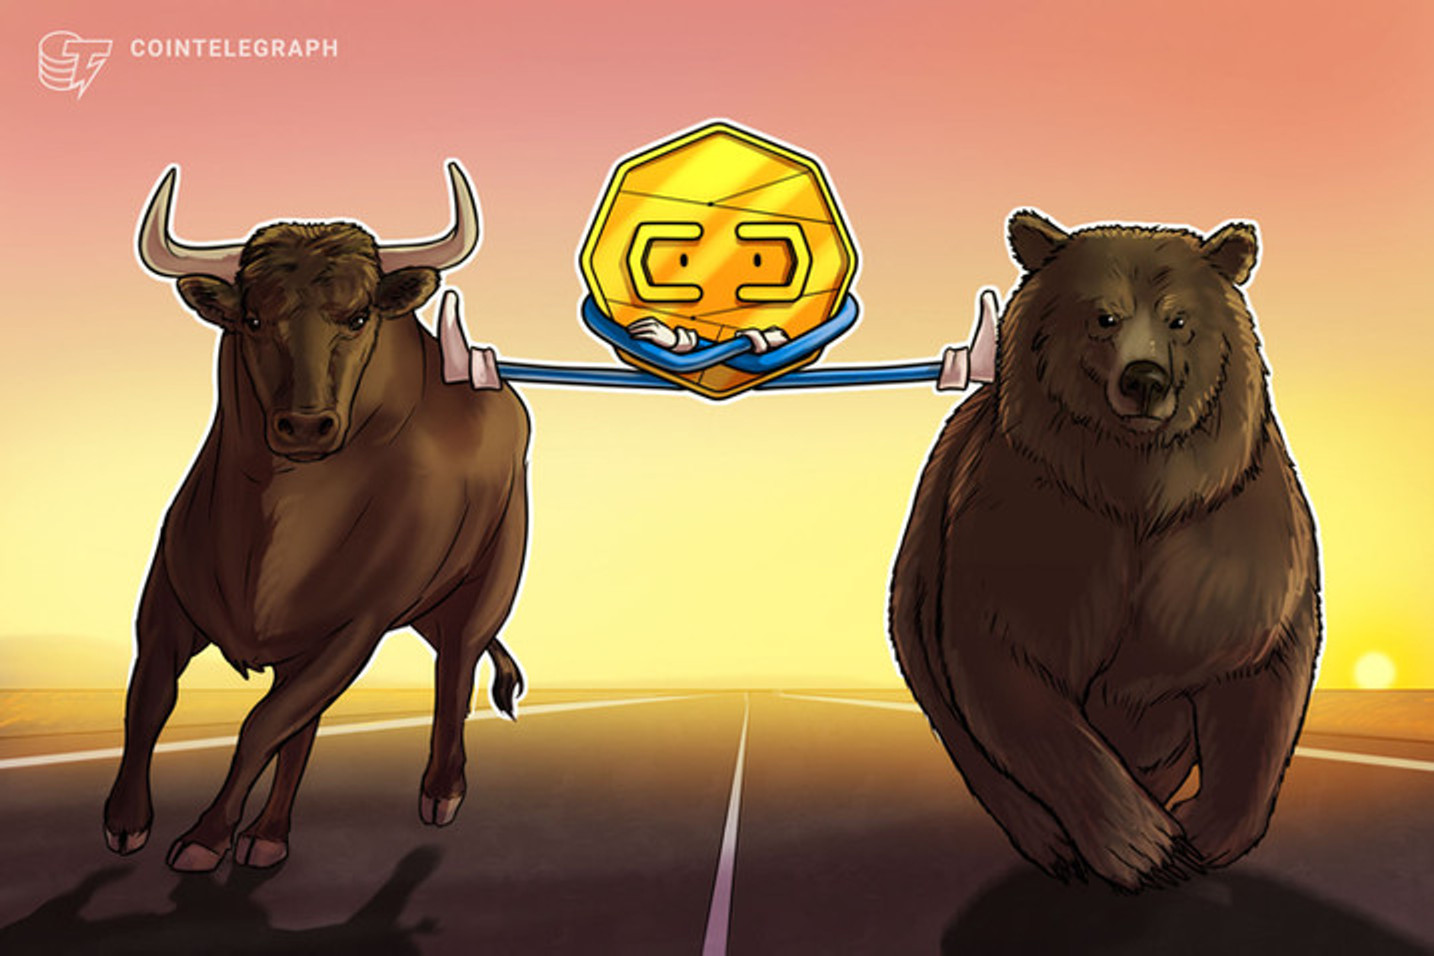 El precio de Bitcoin (BTC) vive un 'momento decisivo' y puede romper importantes resistencias, según análisis